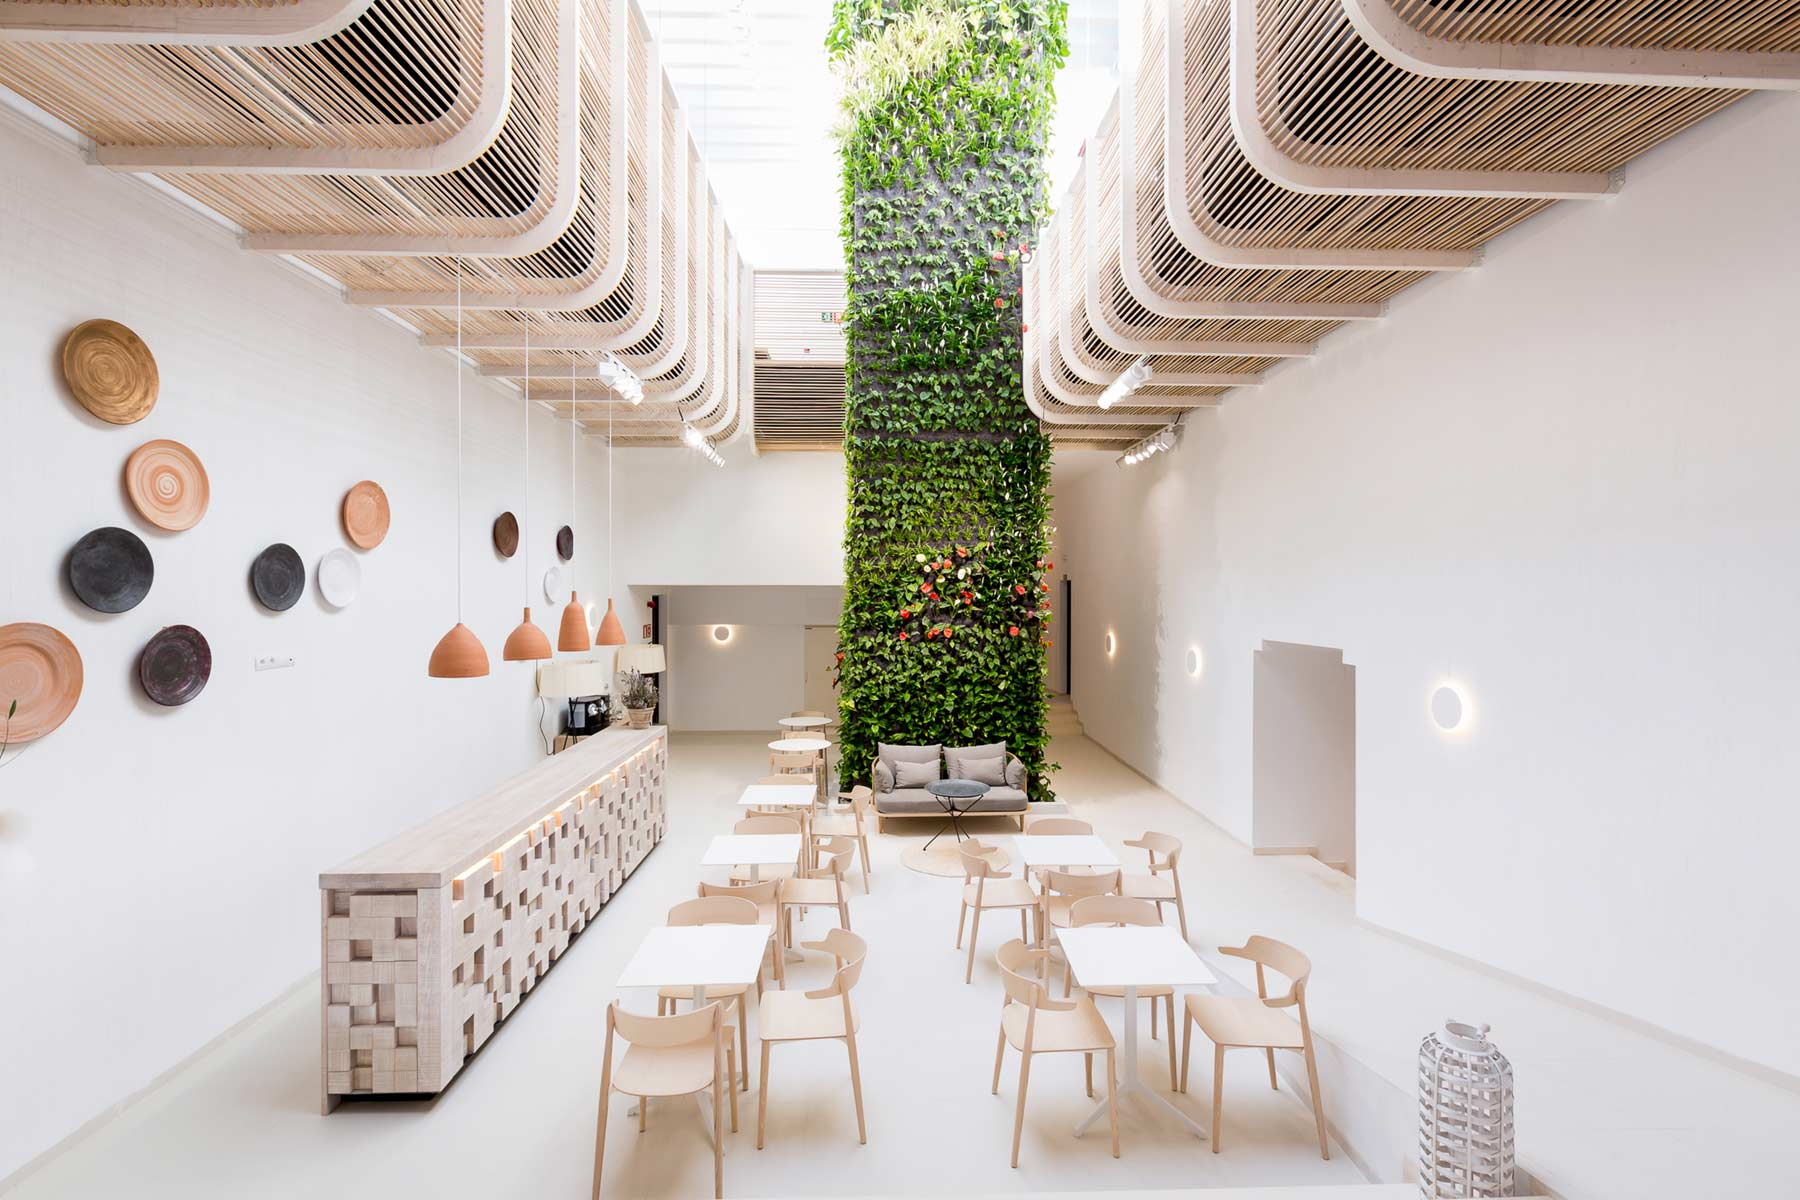 Ibiza Style Interieur : Gatzara suites ibiza style